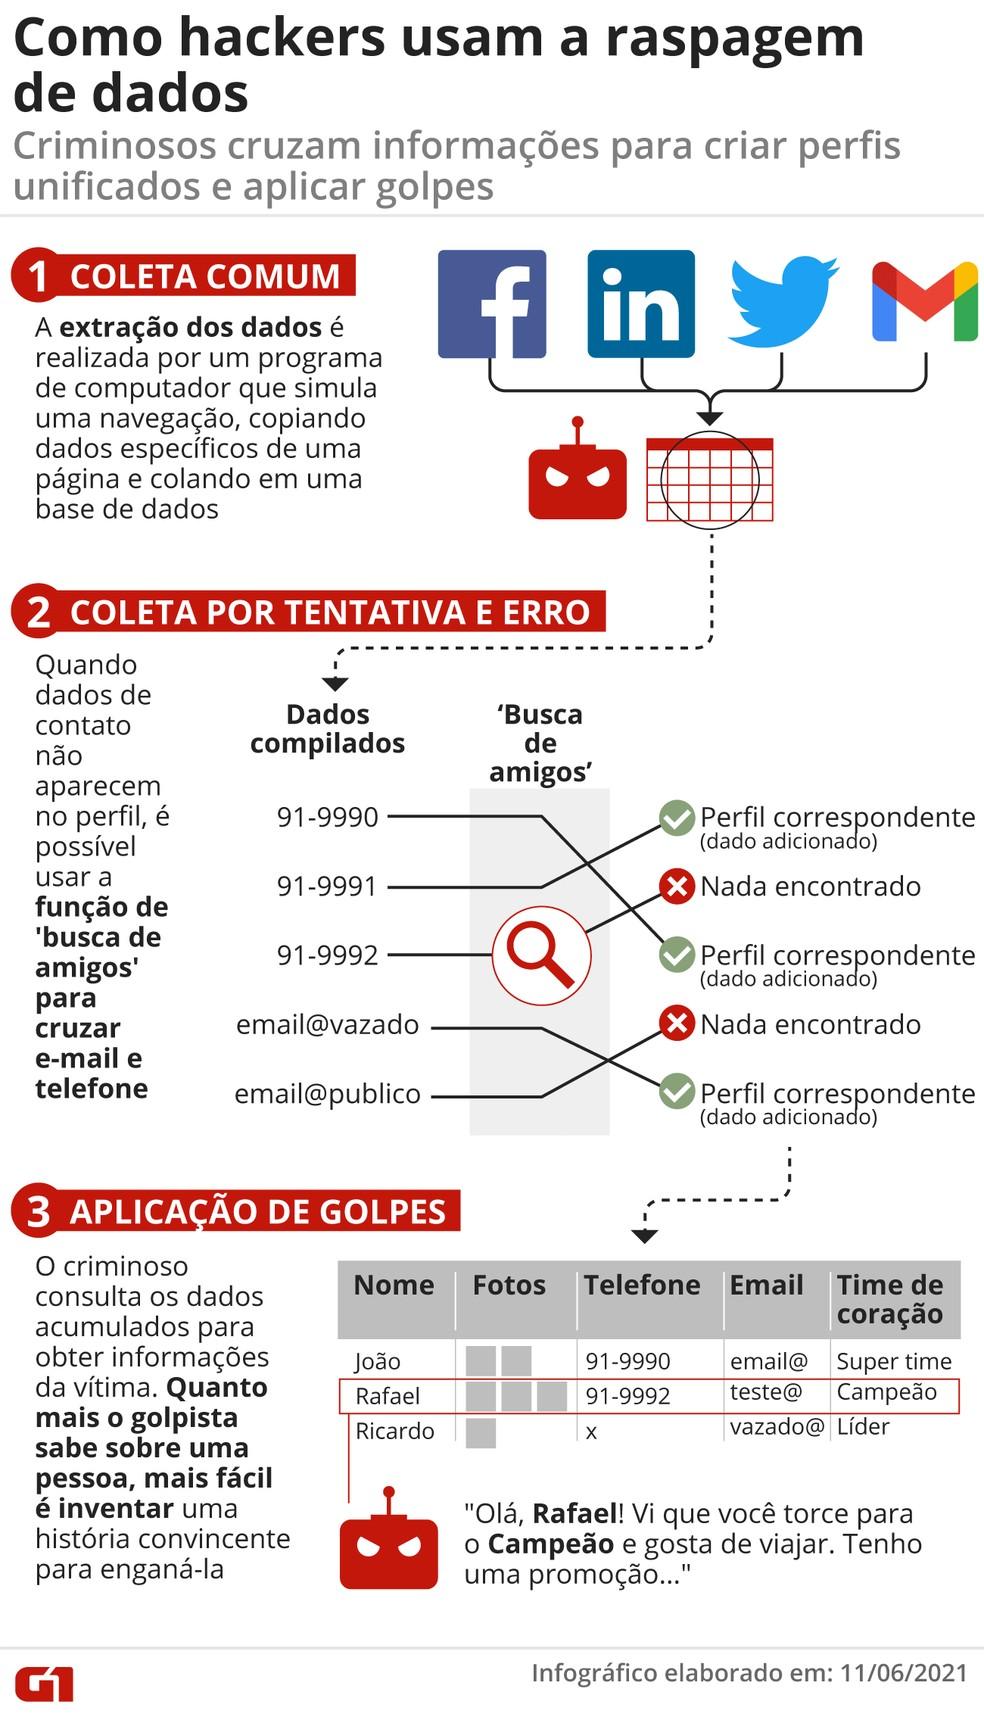 Infográfico mostra como hackers usam raspagem de dados — Foto: Elcio Horiuchi/Arte G1